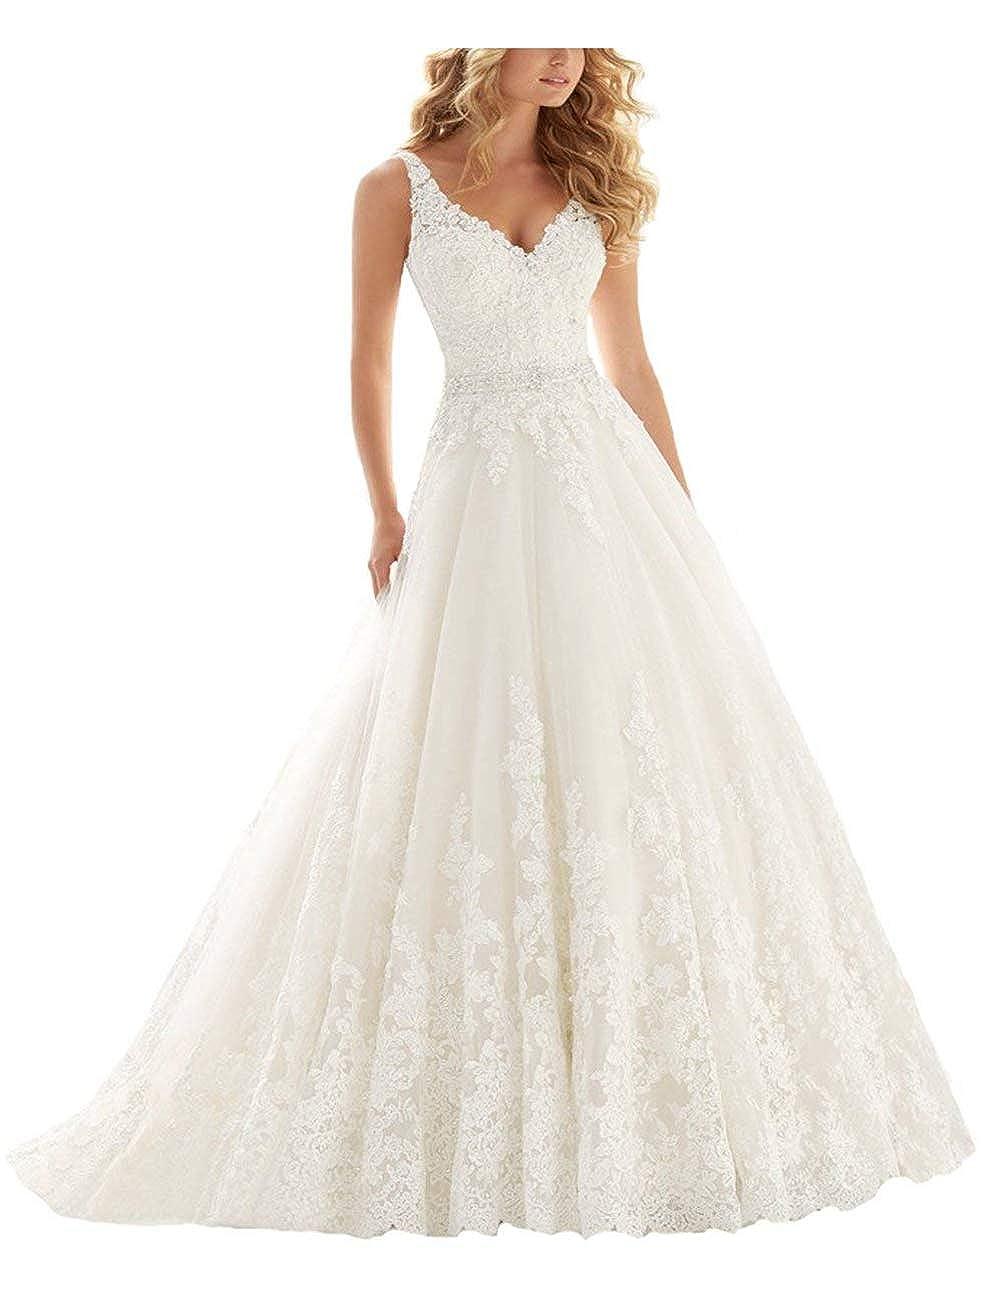 VKStar® Prinzessin Brautkleider V-Ausschnitt Spitze Appliques Hochzeitskleider Ärmellos Brautkleid Lang Brautmode Damen Abendkleider mit Schleppe CL000356